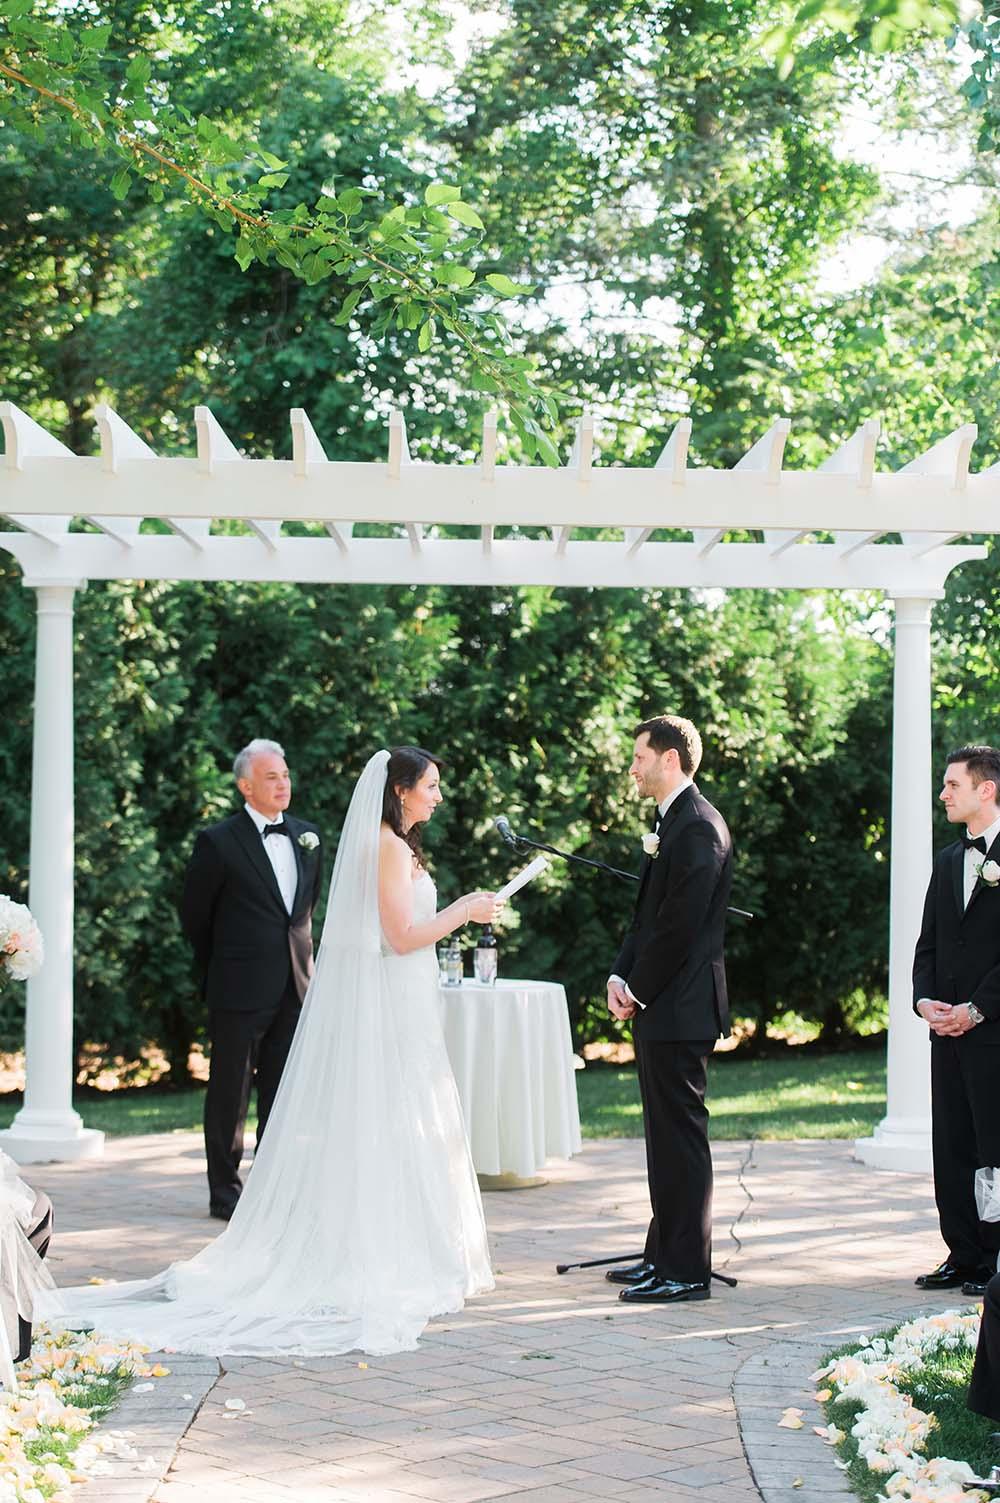 farmington-gardens-wedding-greg-lewis-photography-31